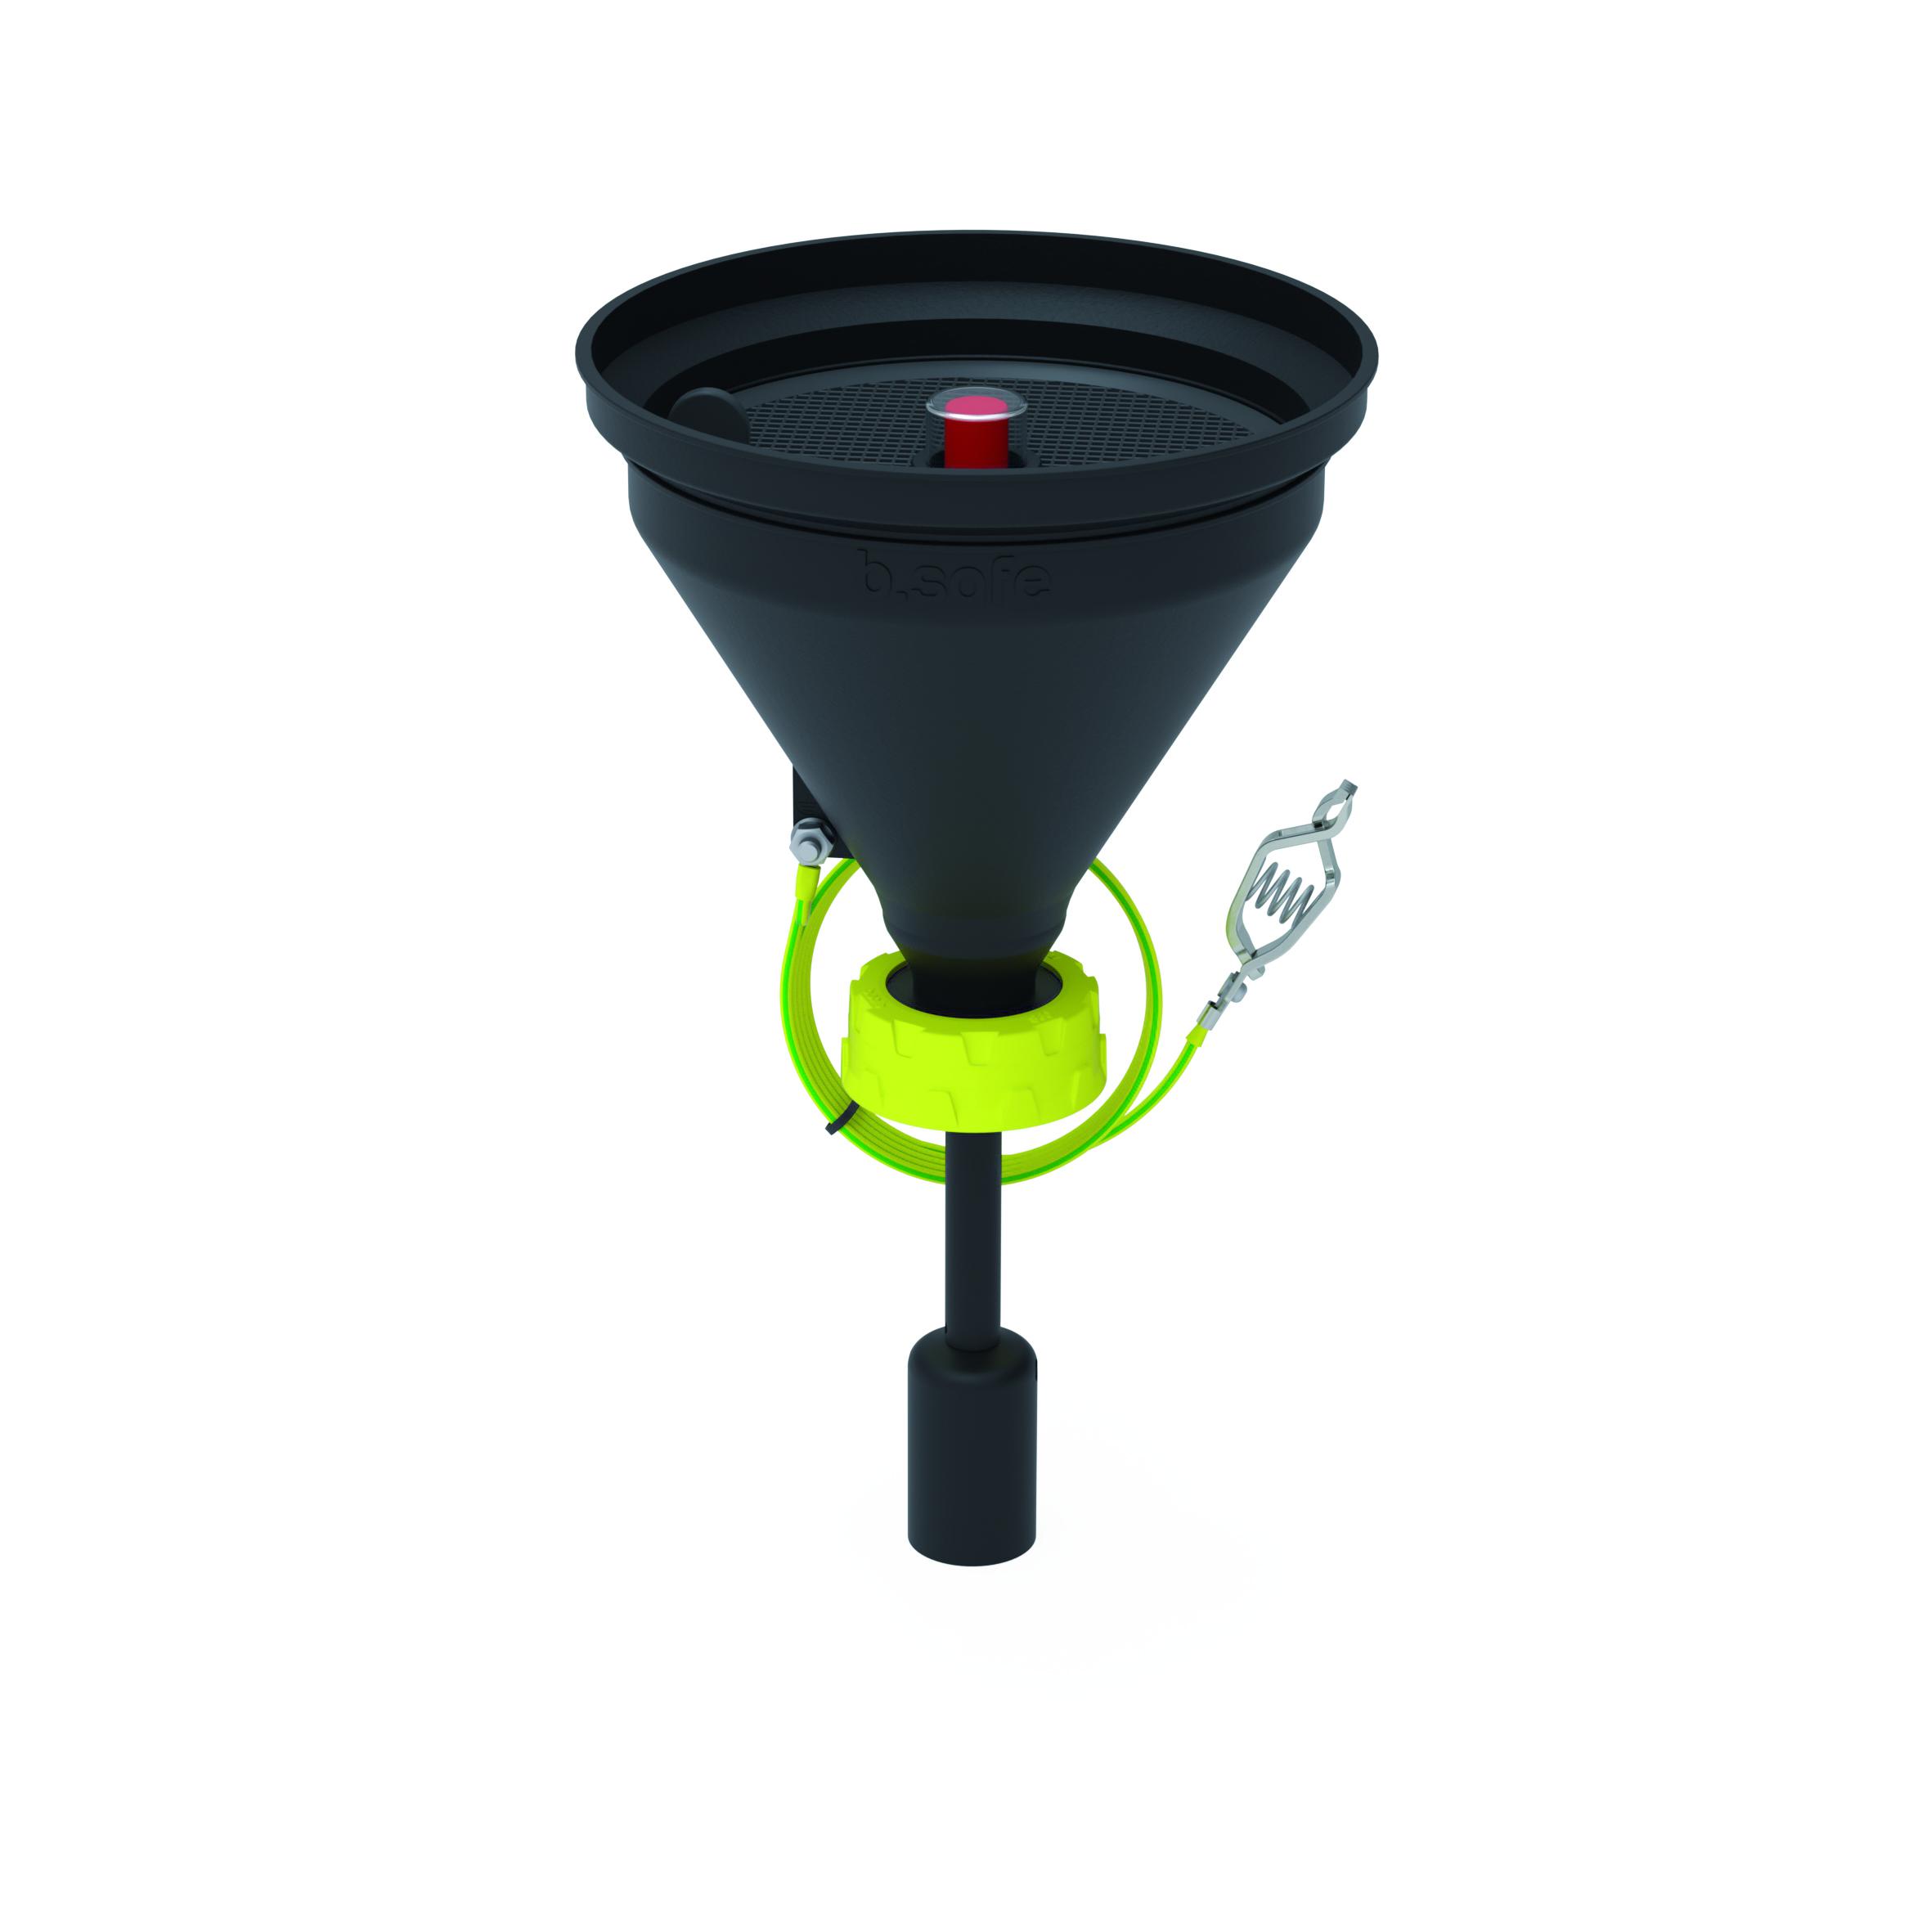 Trichter 180 mit Füllstandskontrolle  Trichter aus ableitfähigem PE-EX zur Entsorgung von flüssigen Abfällen.